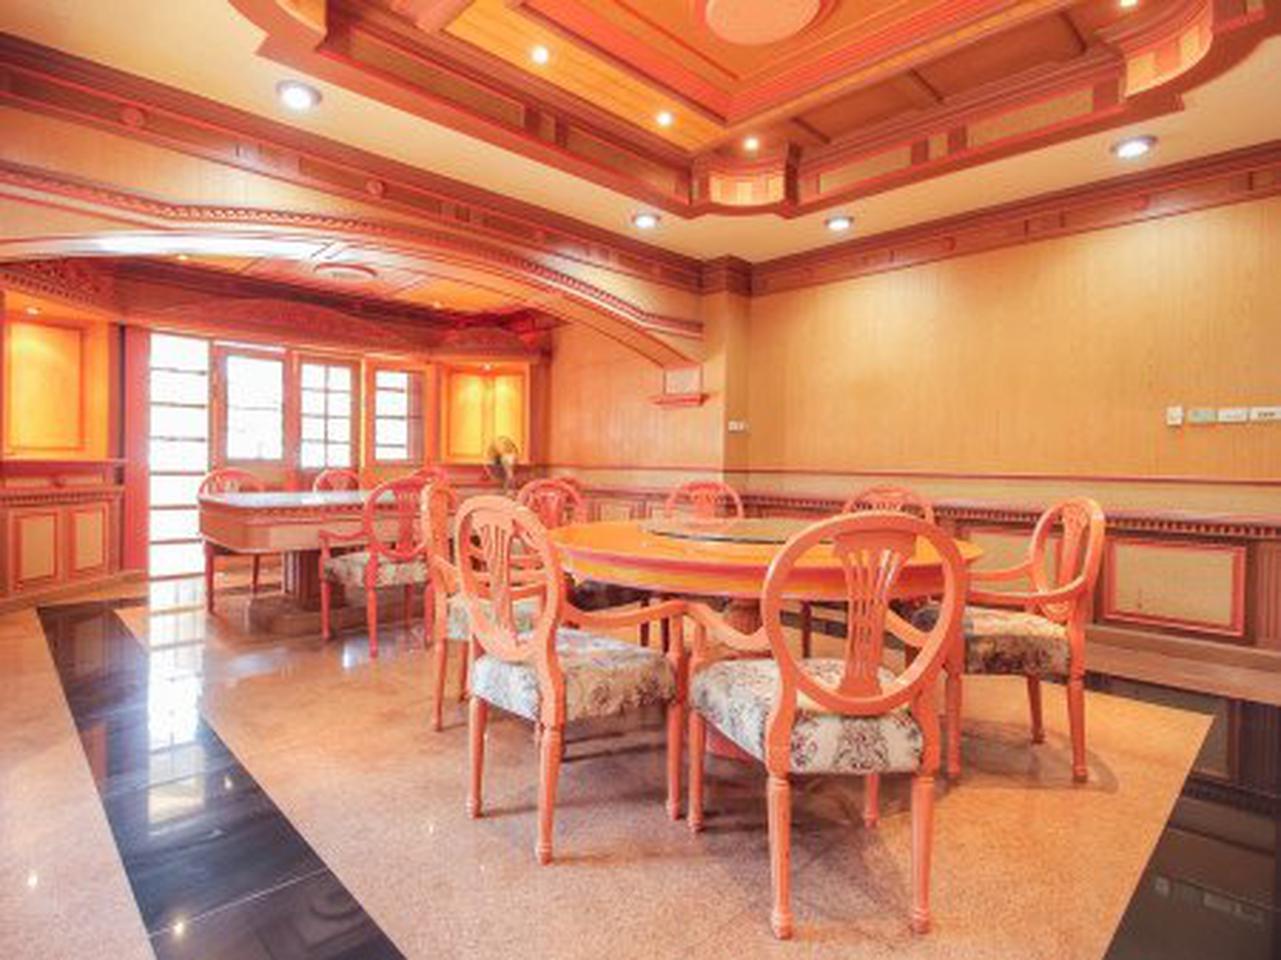 ขาย บ้านเดี่ยว นันทวัน คู้บอน  346 ตร.วา นันทวัน คู้บอน รูปที่ 5